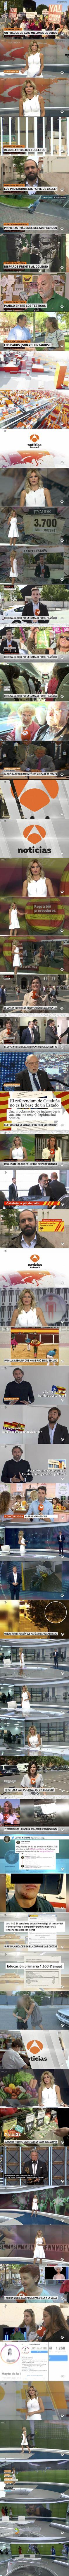 20170918 - Informativo general de ANTENA3 (A3 Noticias 1)